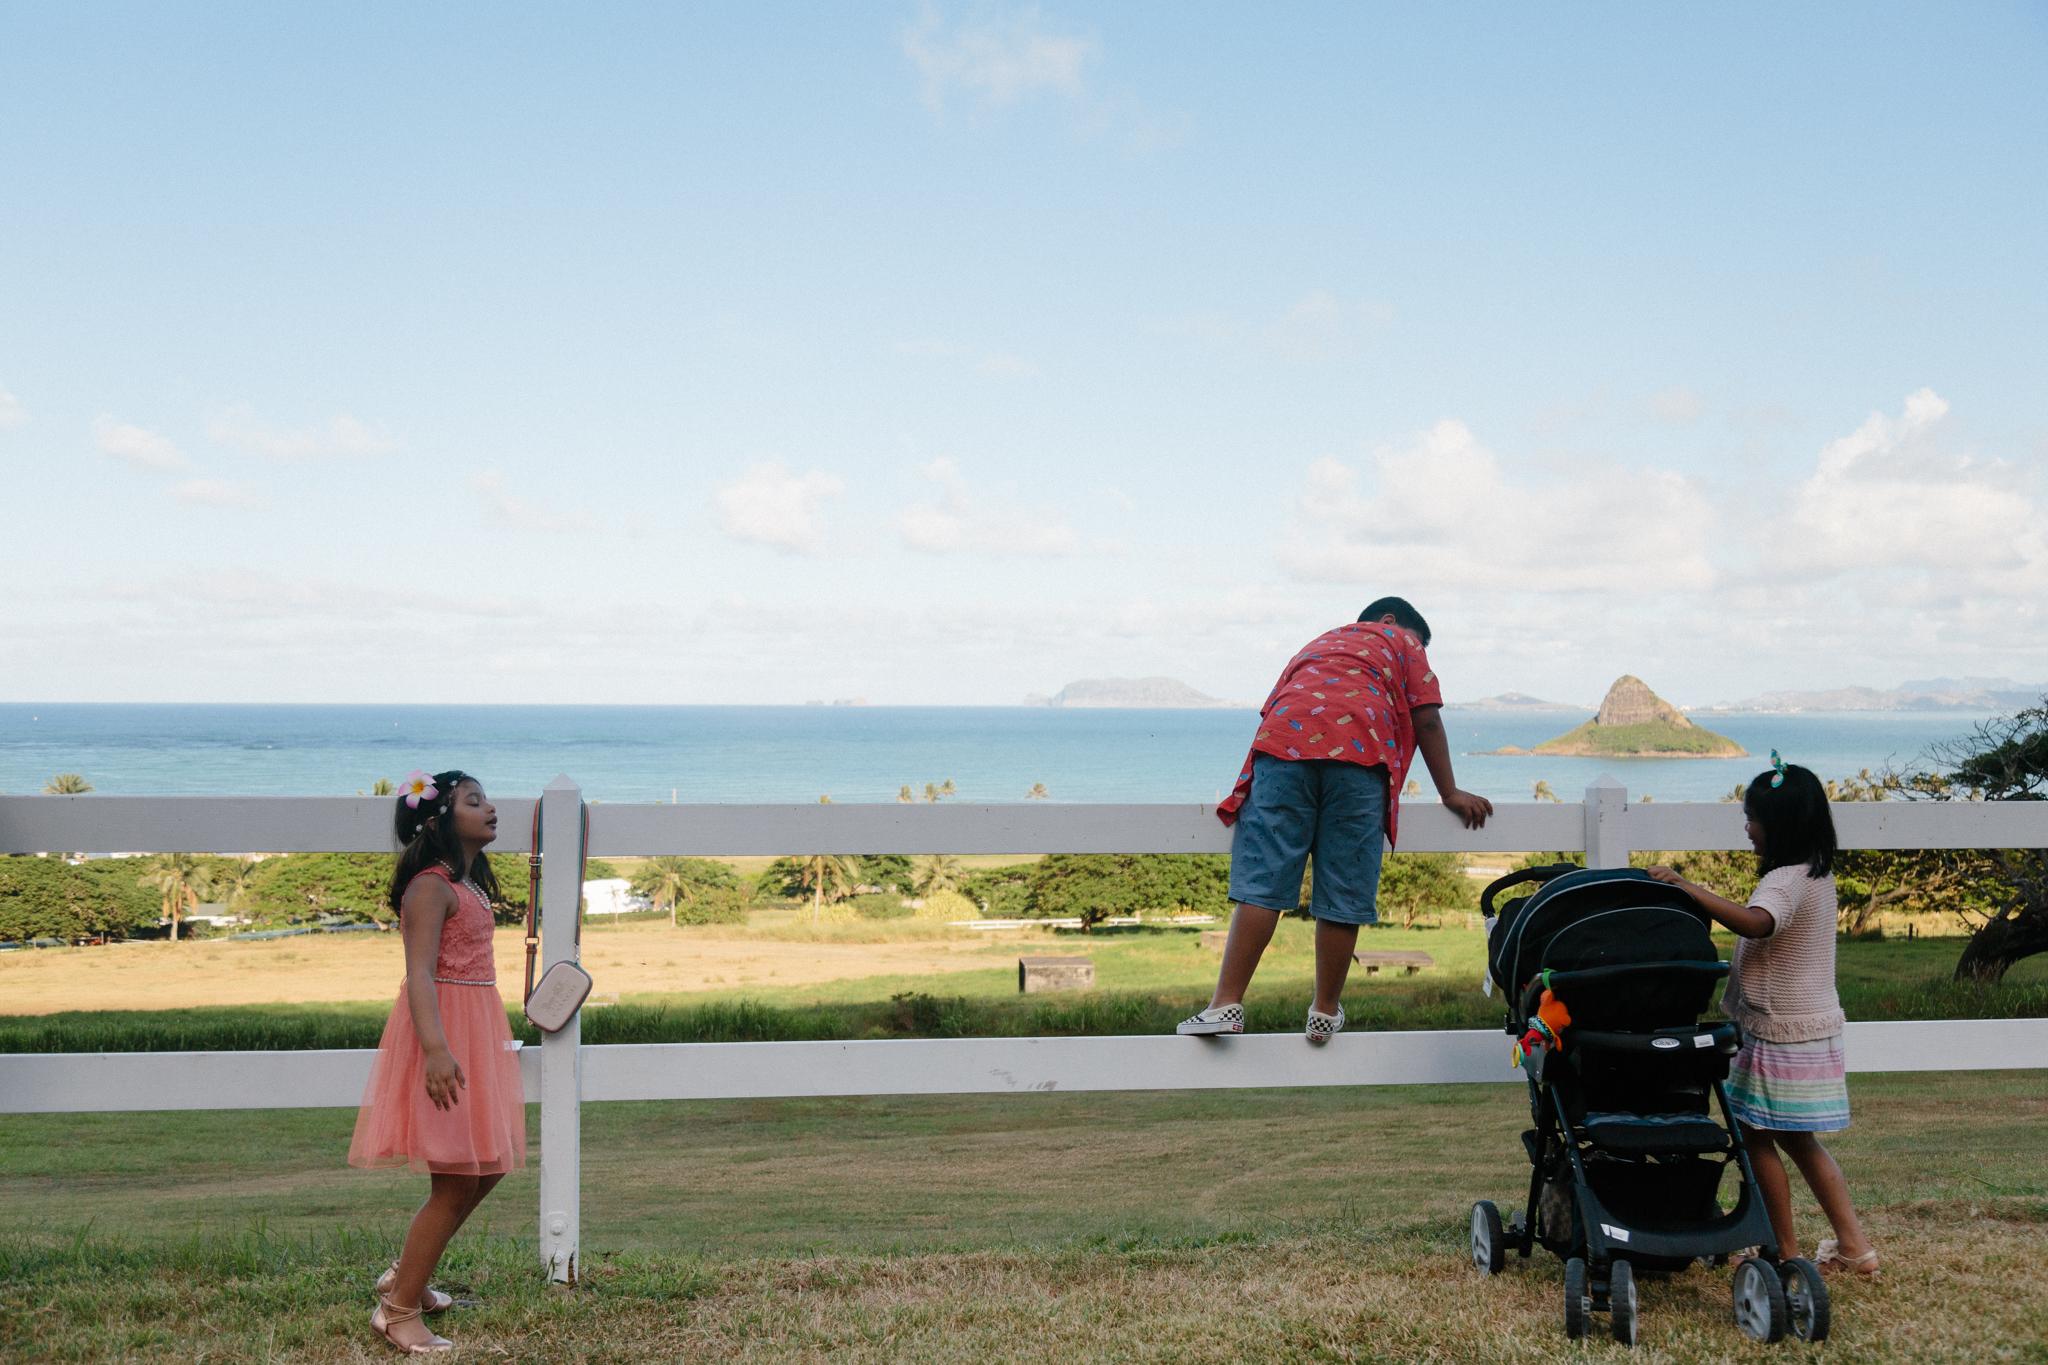 kualoa_ranch_wedding_photography_tone_hawaii-16.jpg